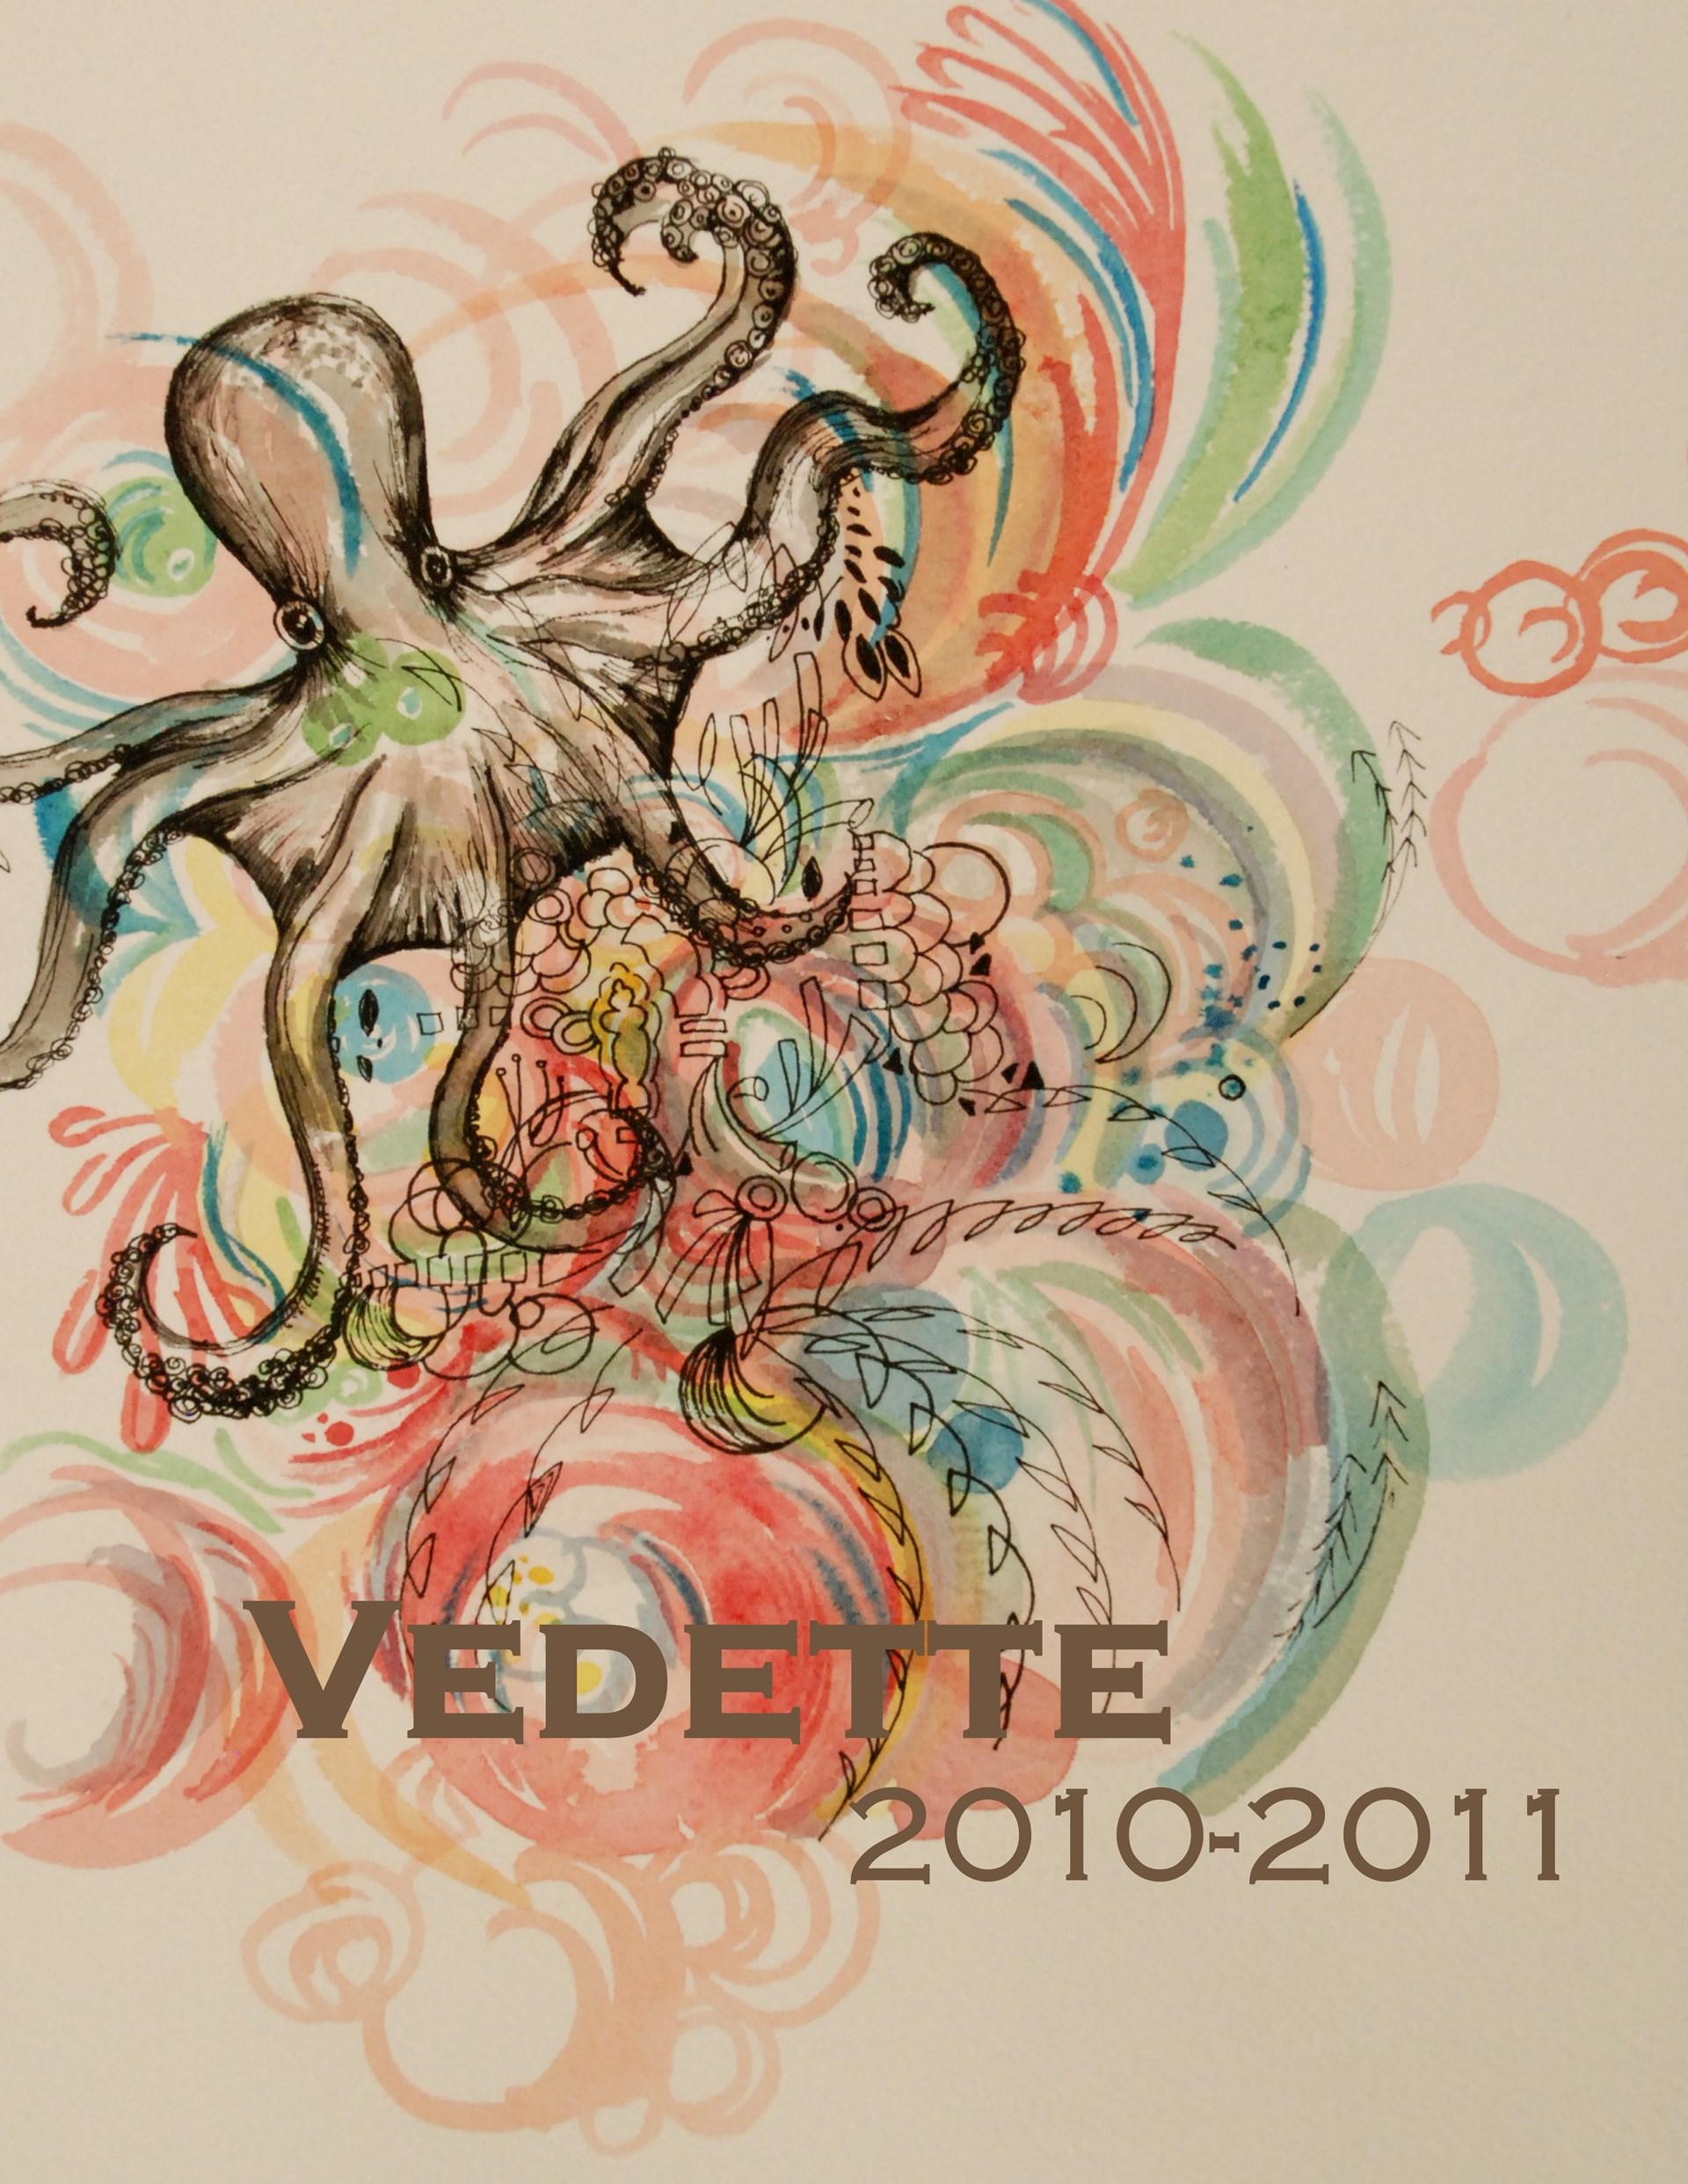 Vedette Cover 2010-2011